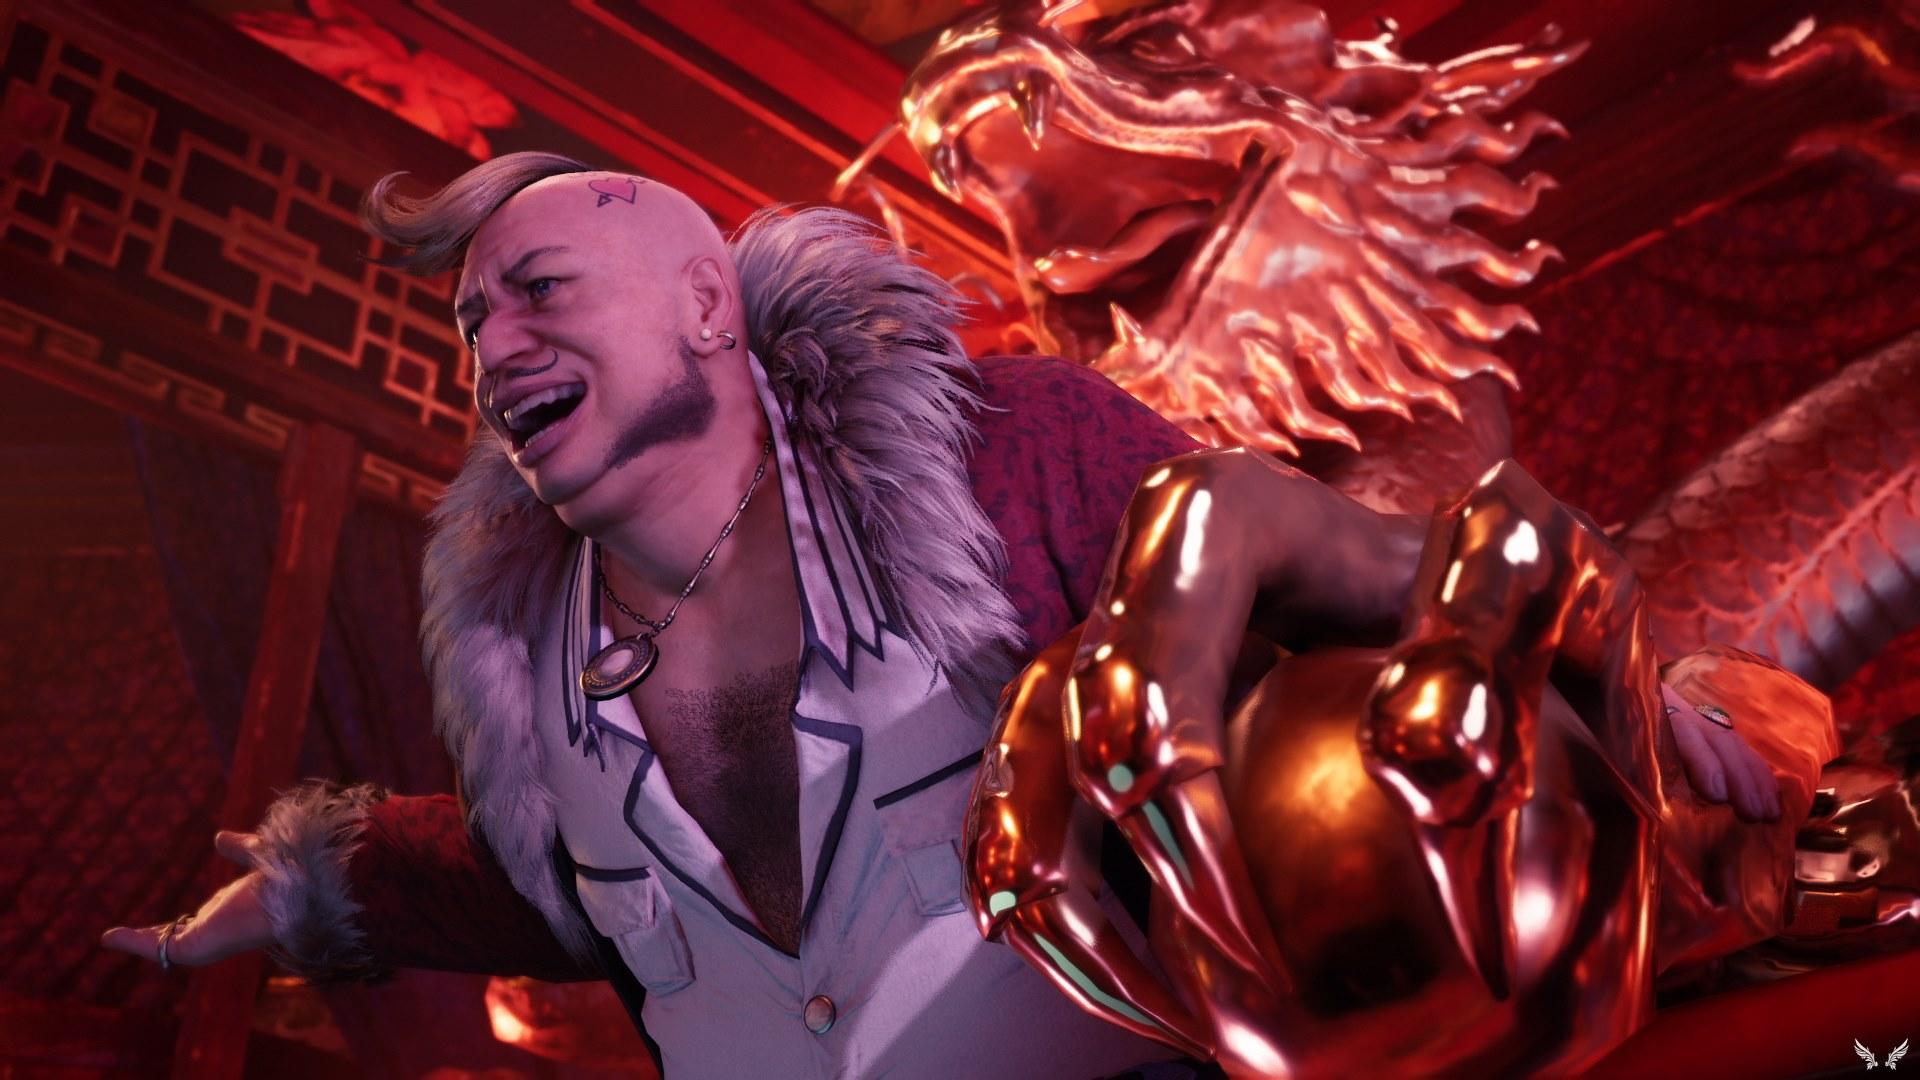 29 nuove immagini promozionali per Final Fantasy VII Remake!